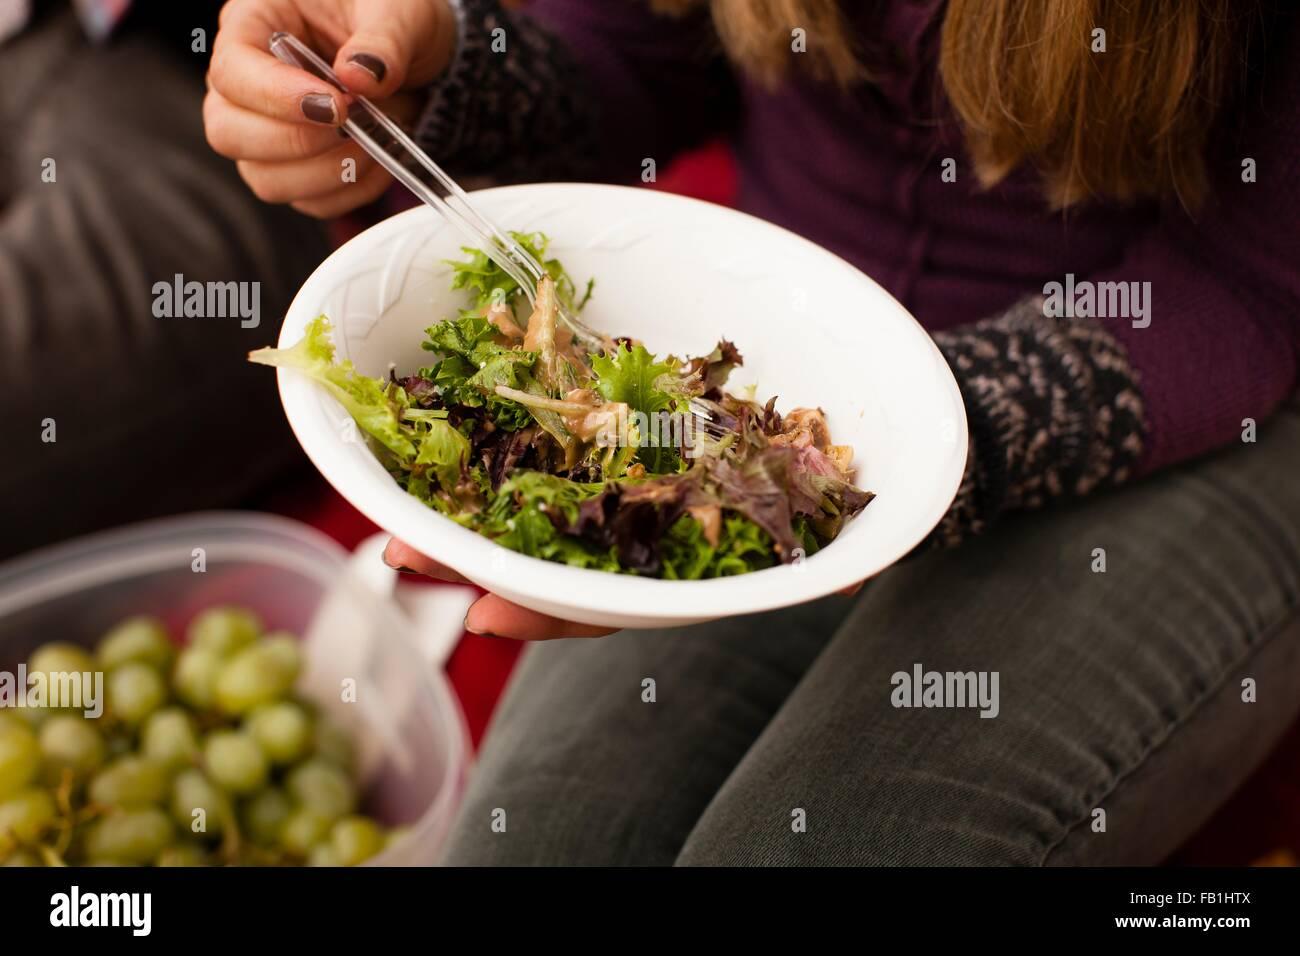 Ritagliato colpo di coppia giovane mangiare insalata picnic Immagini Stock